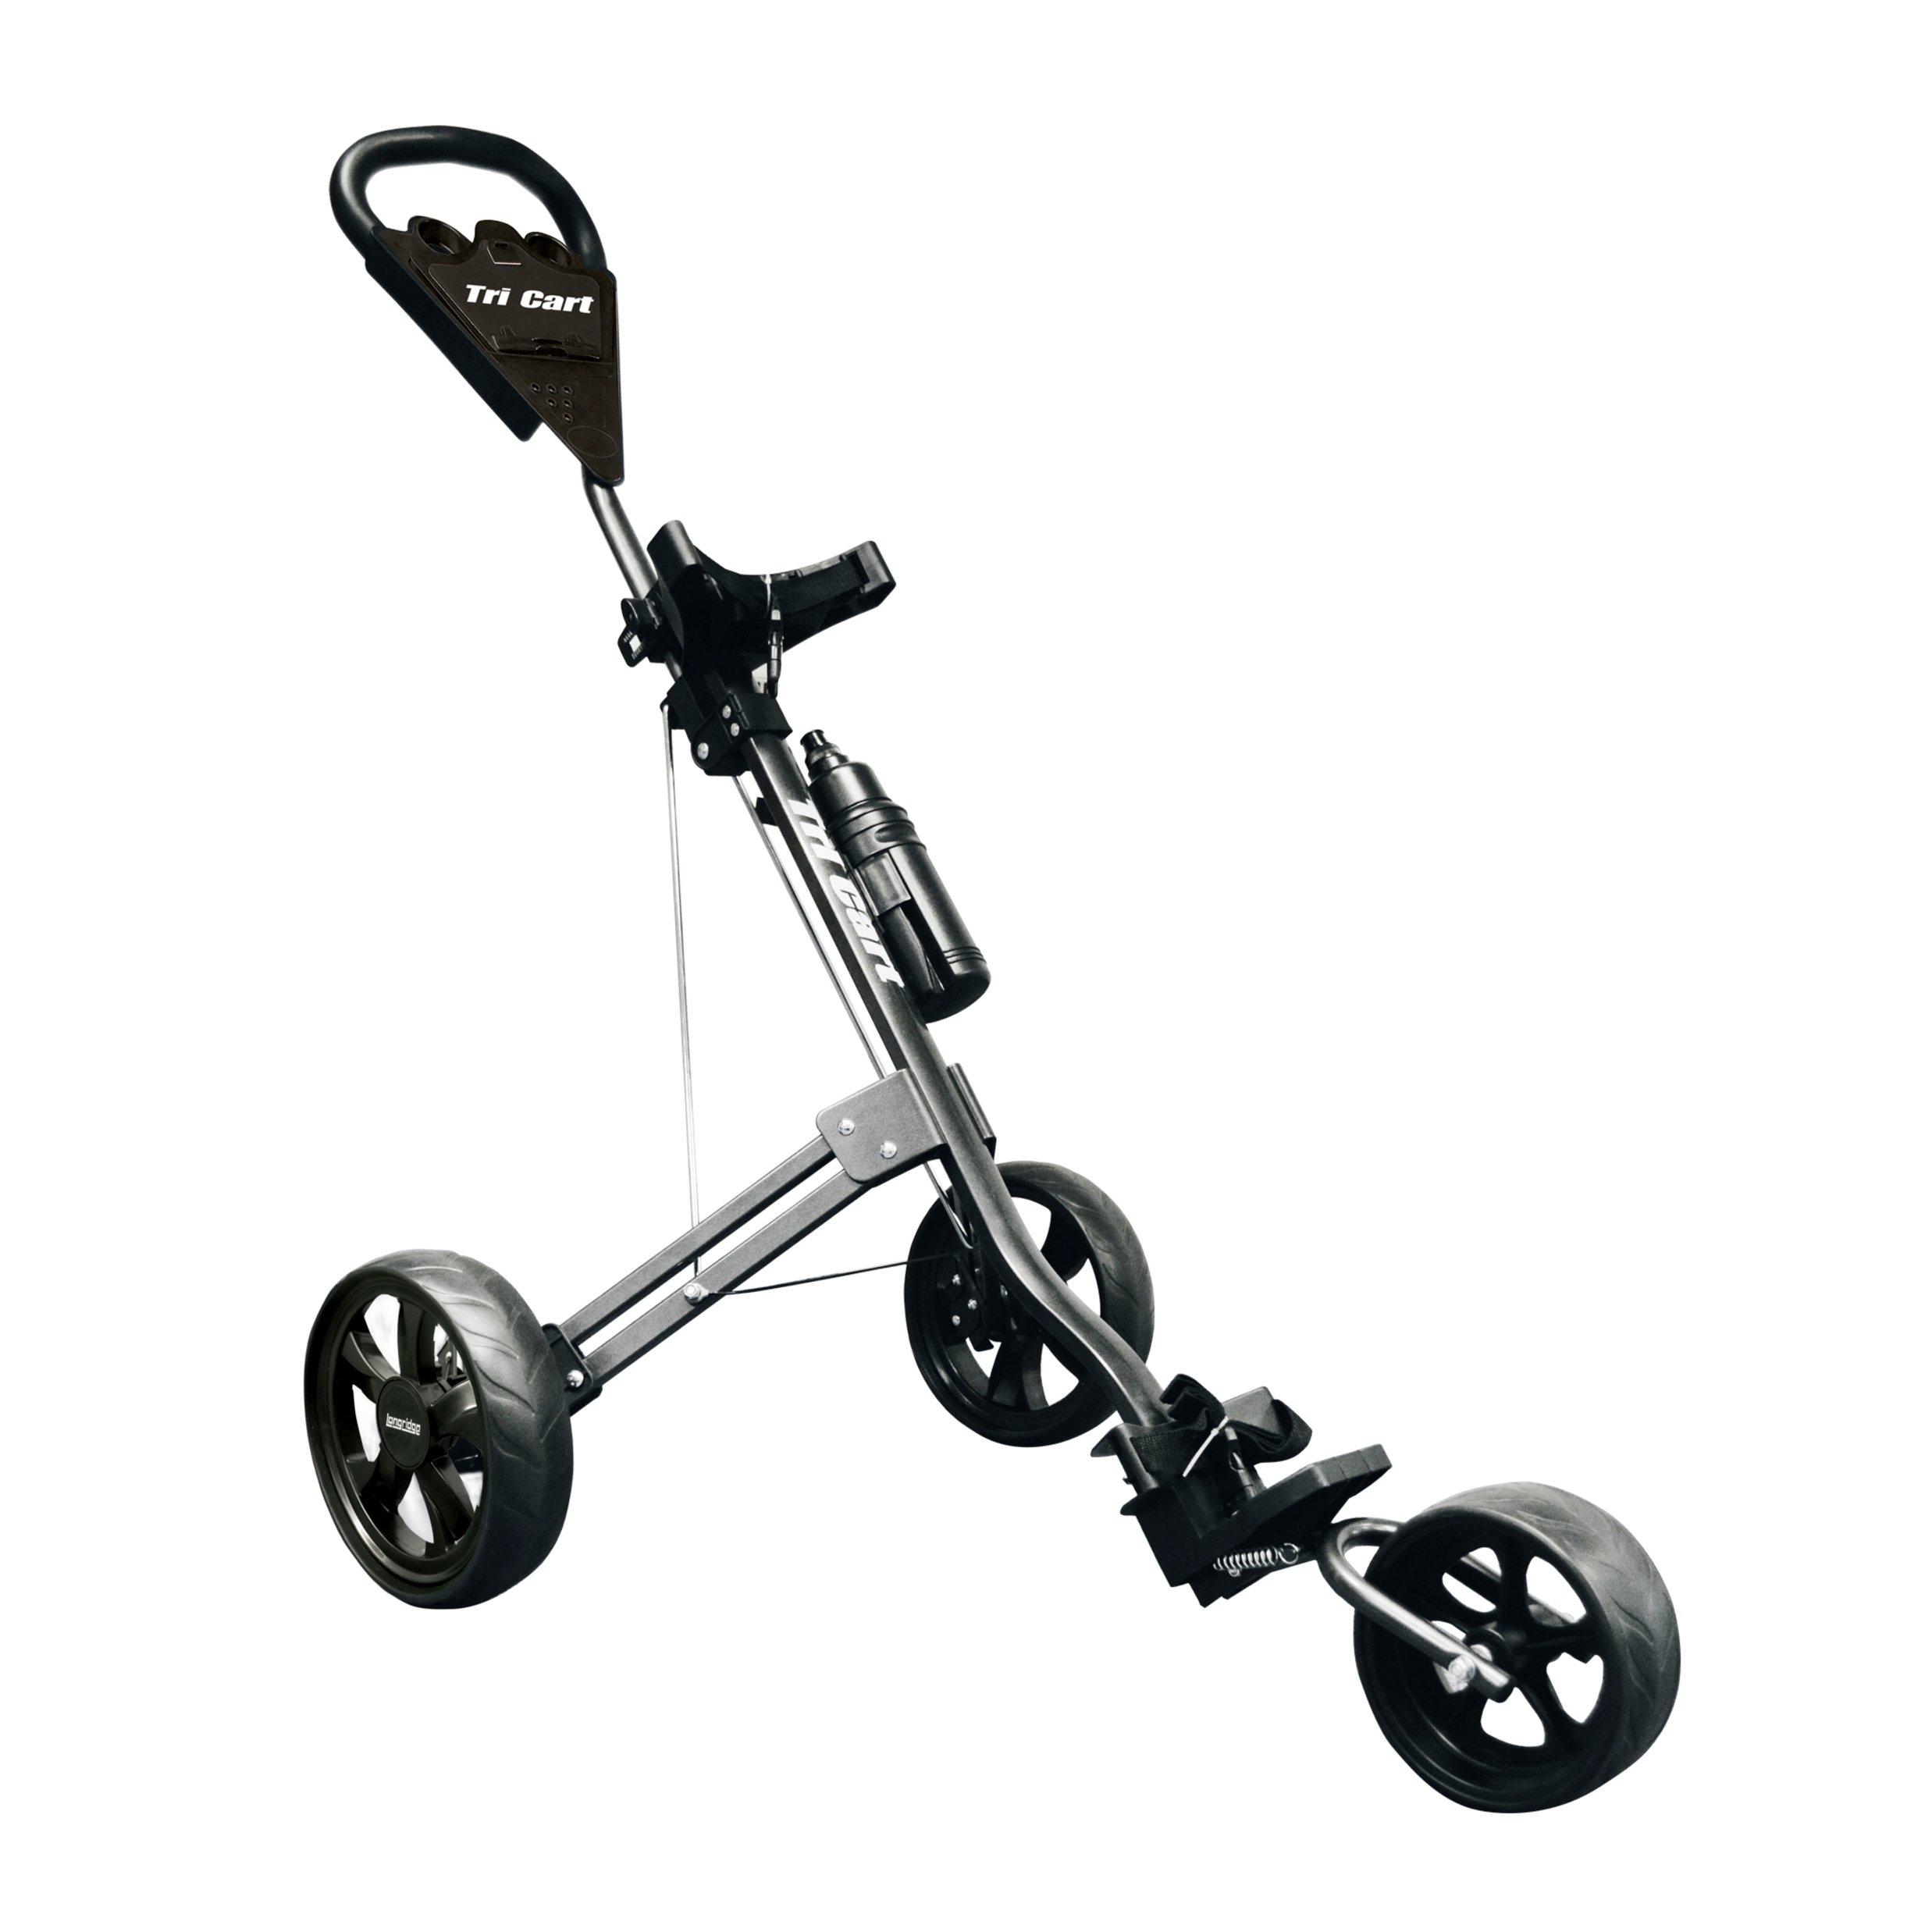 Longridge Tri-Cart Golf Trolley